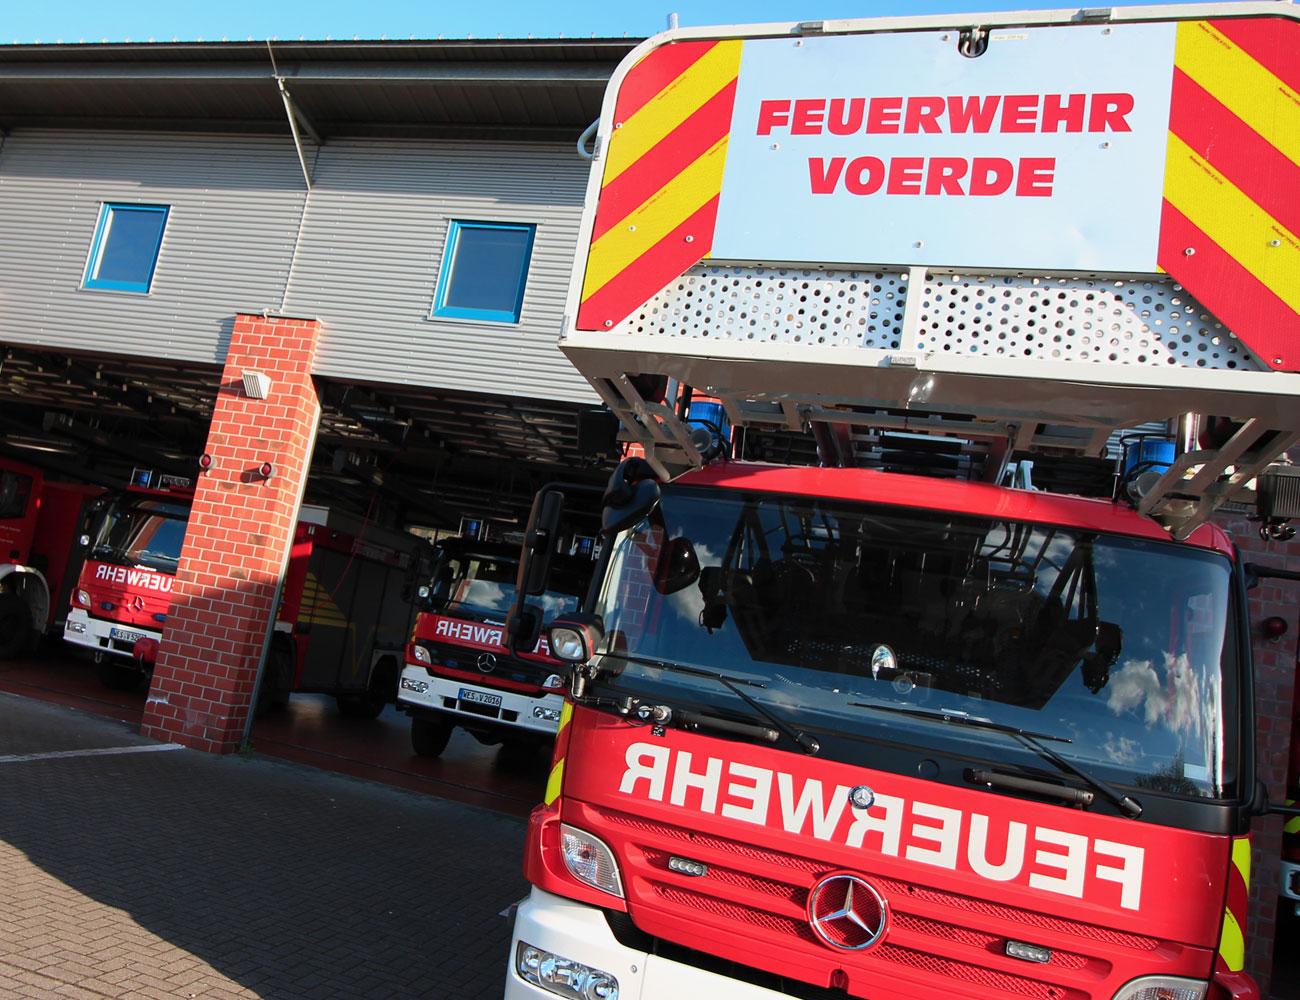 Feuerwehr Voerde - Unsere Fahrzeuge